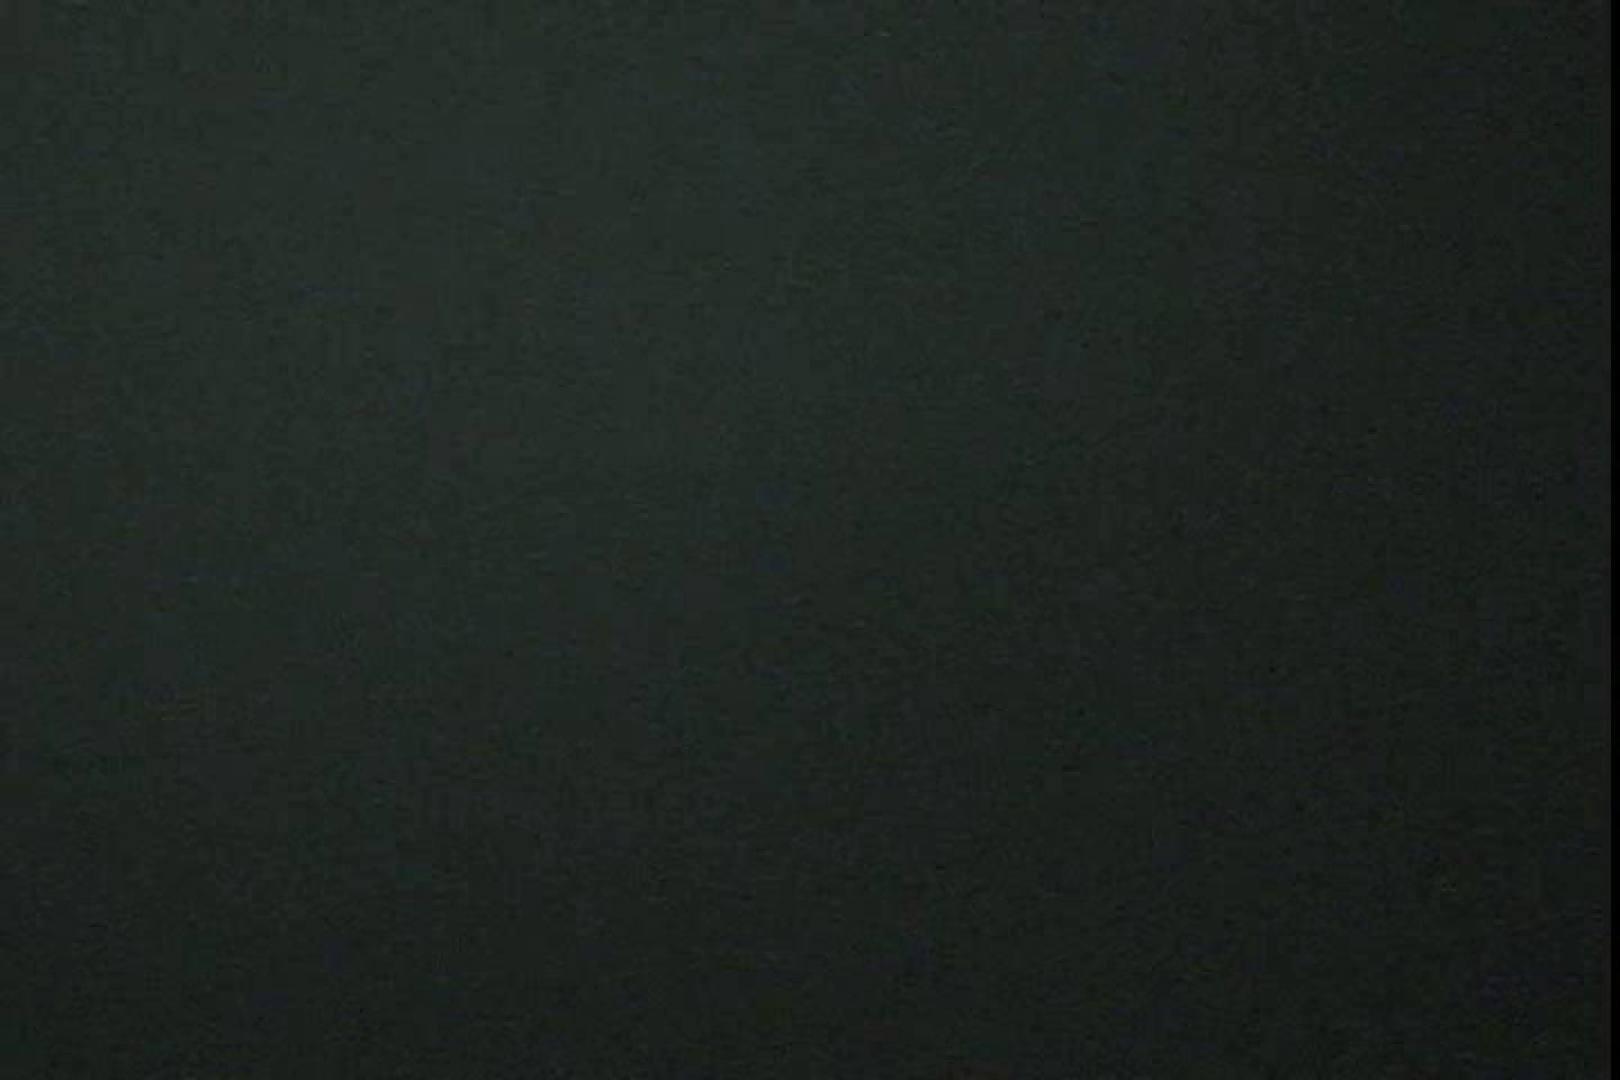 赤外線ムレスケバレー(汗) vol.02 赤外線 | HなOL  53pic 47